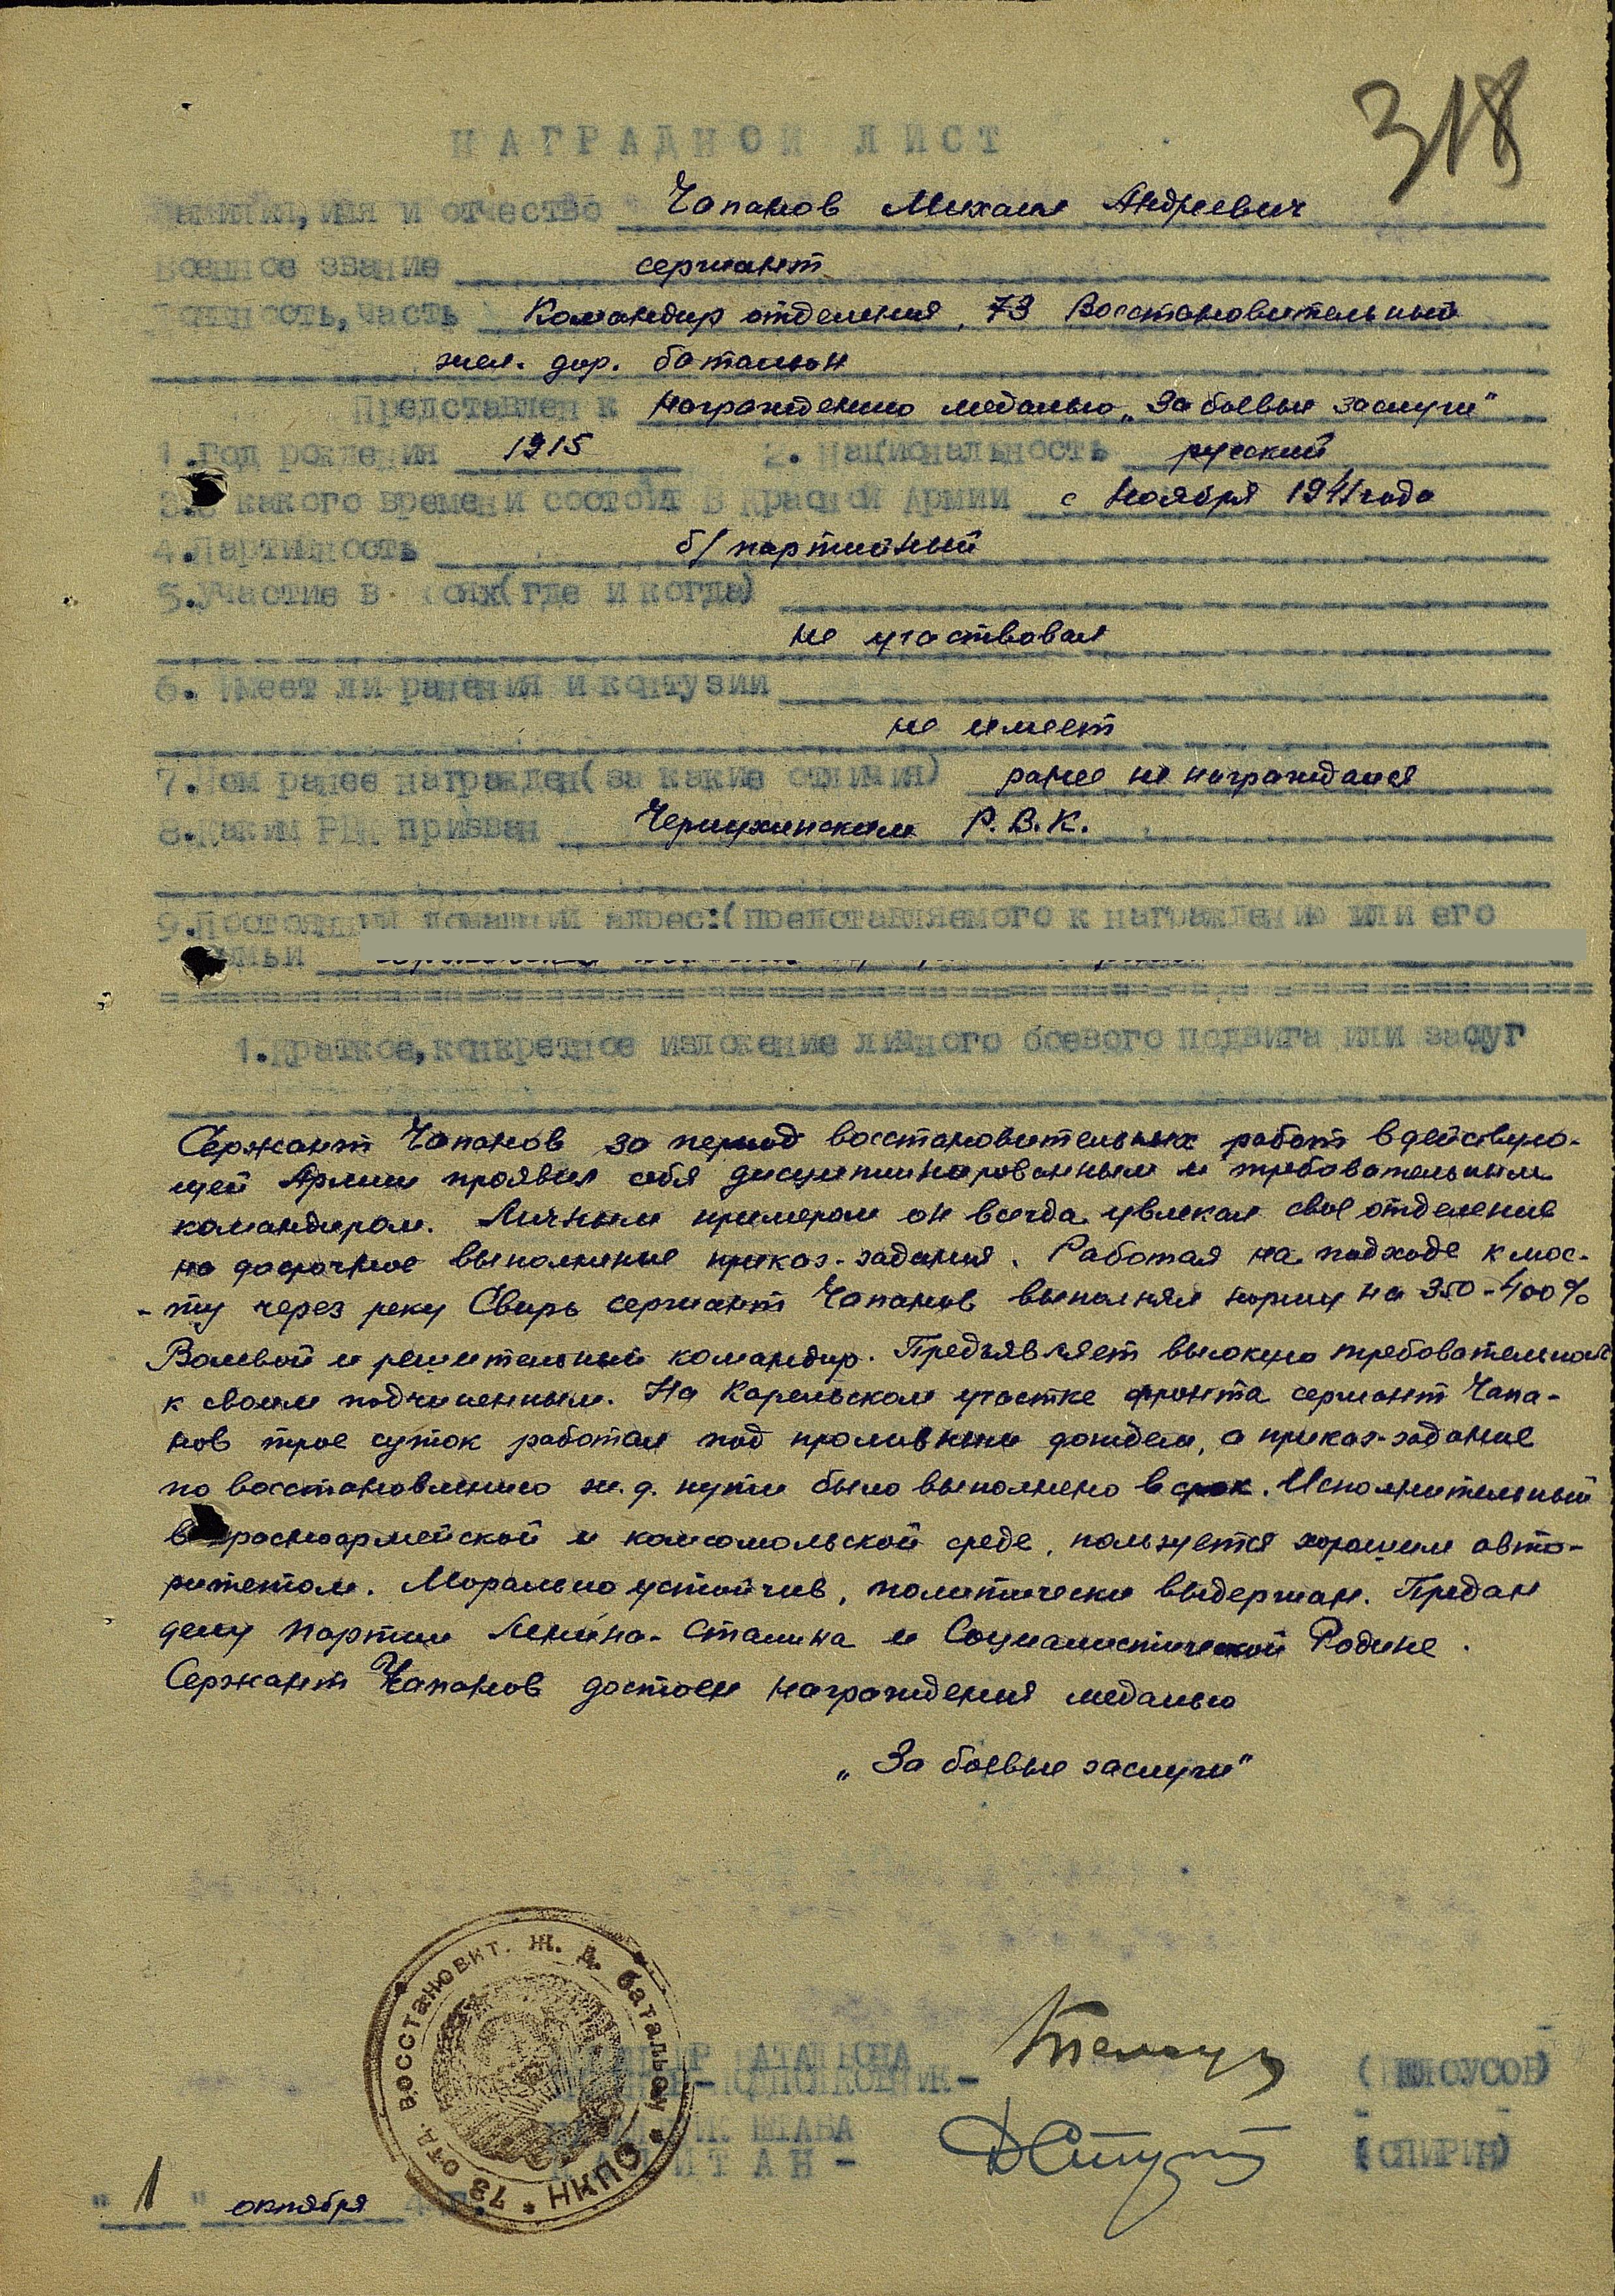 Наградной лист Чапанова Михаила Андреевича к медали за боевые заслуги